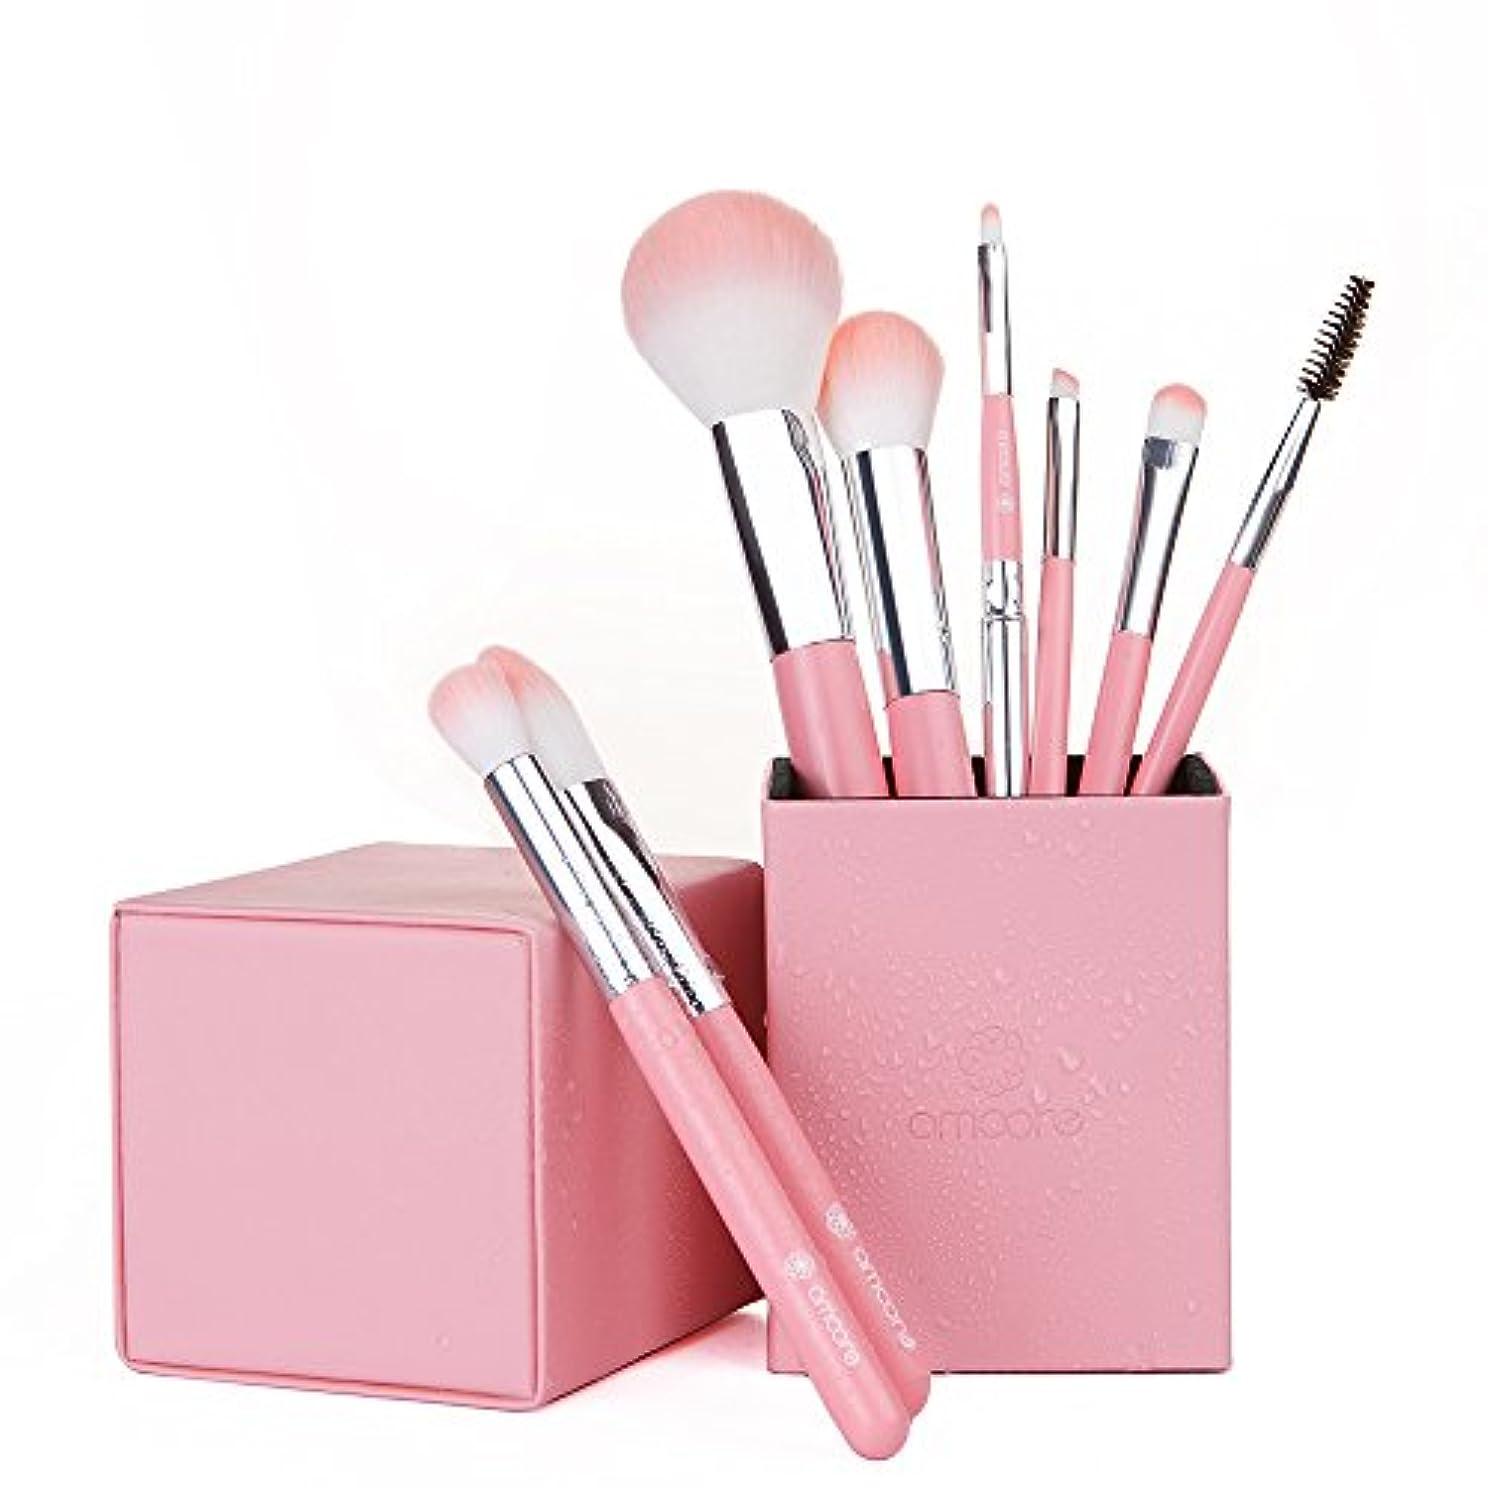 責任者膜申し立てamoore 8本 化粧筆 メイクブラシセット 化粧ブラシ セット コスメ ブラシ 収納ケース付き (8本, ピンク)